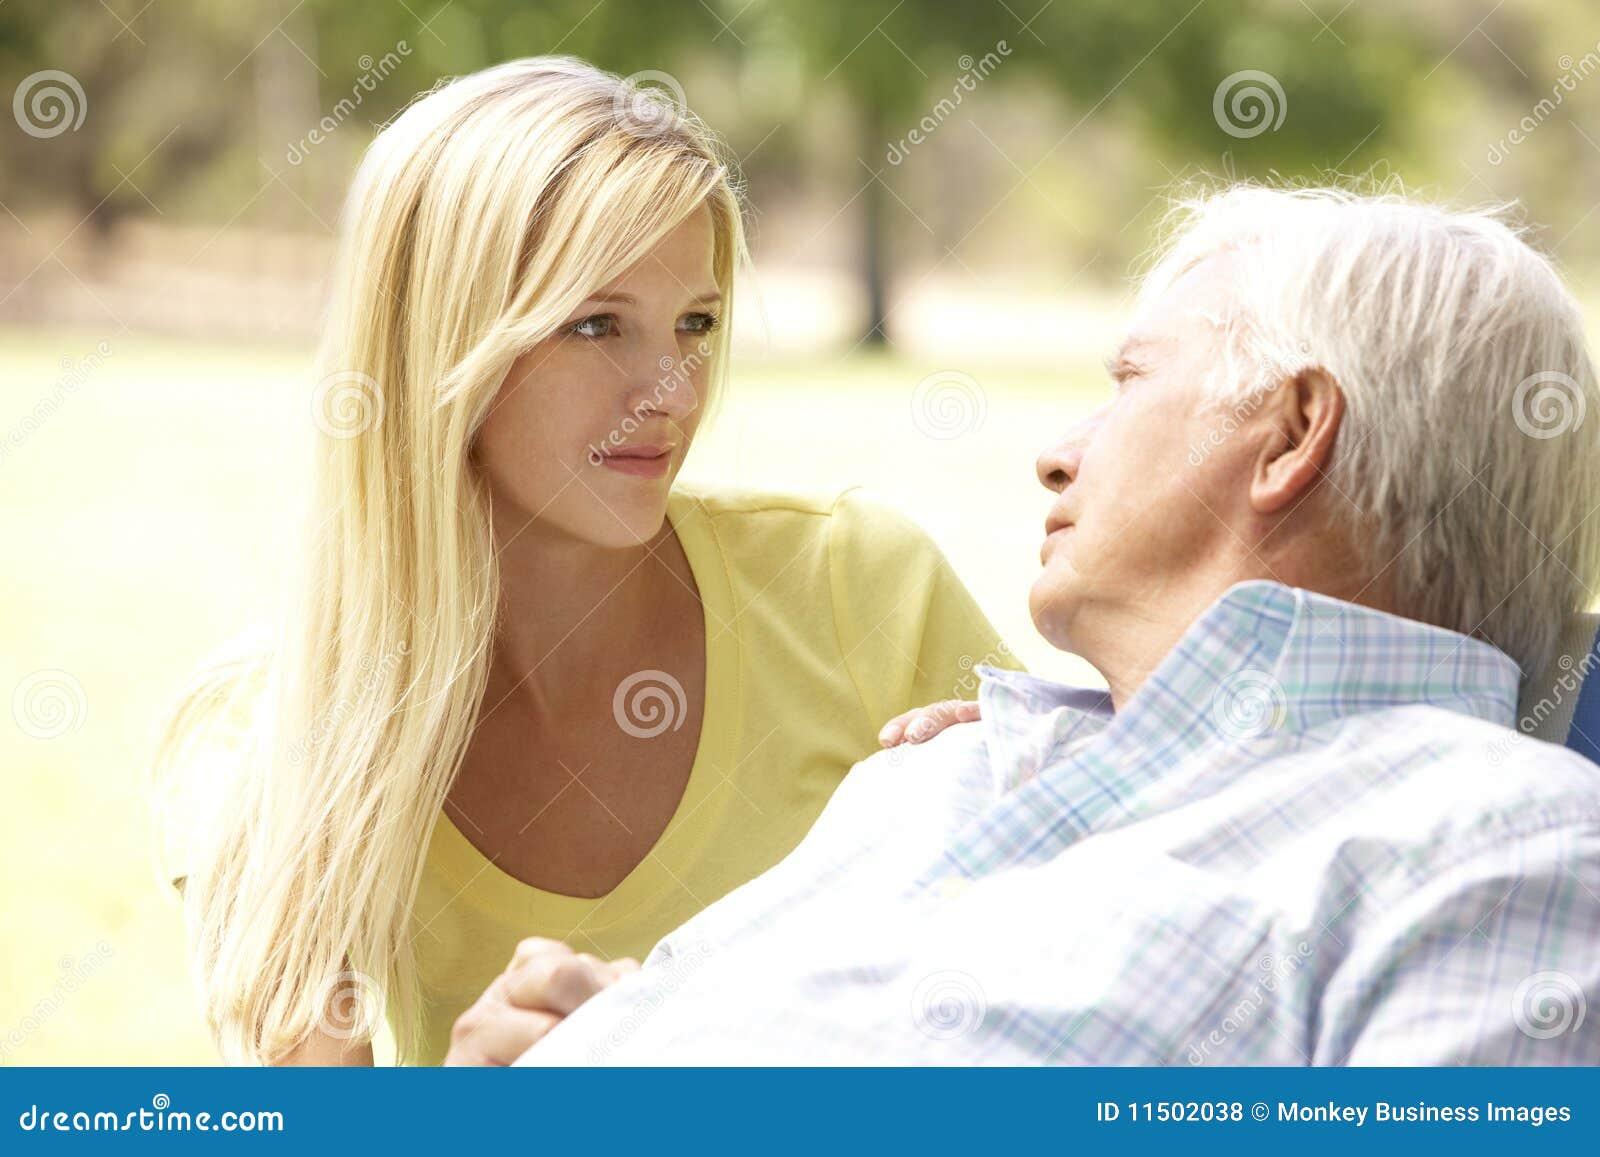 Секс женщин со стариками фото — photo 13